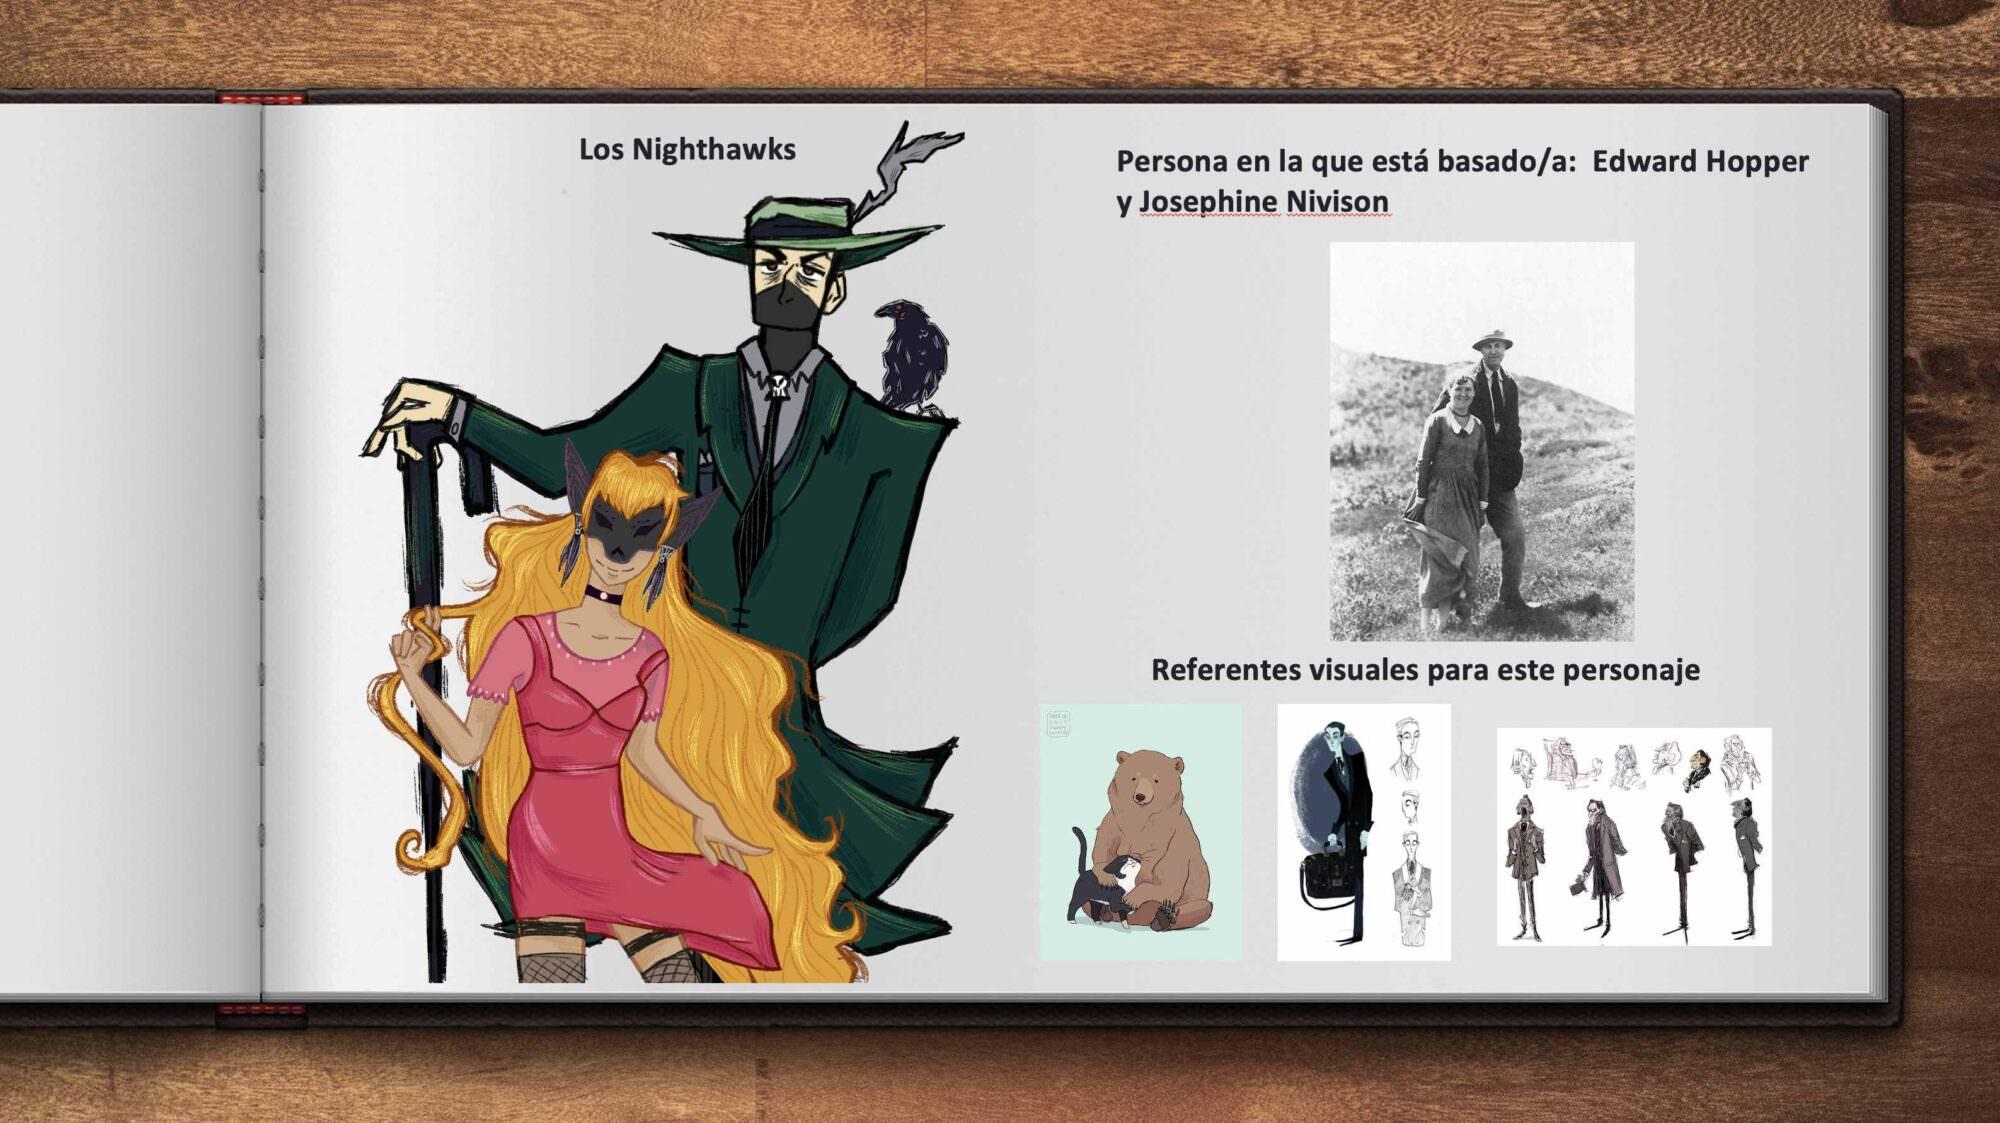 'Los Nighthawks', basados en Edward Hopper y Josephine Nivison